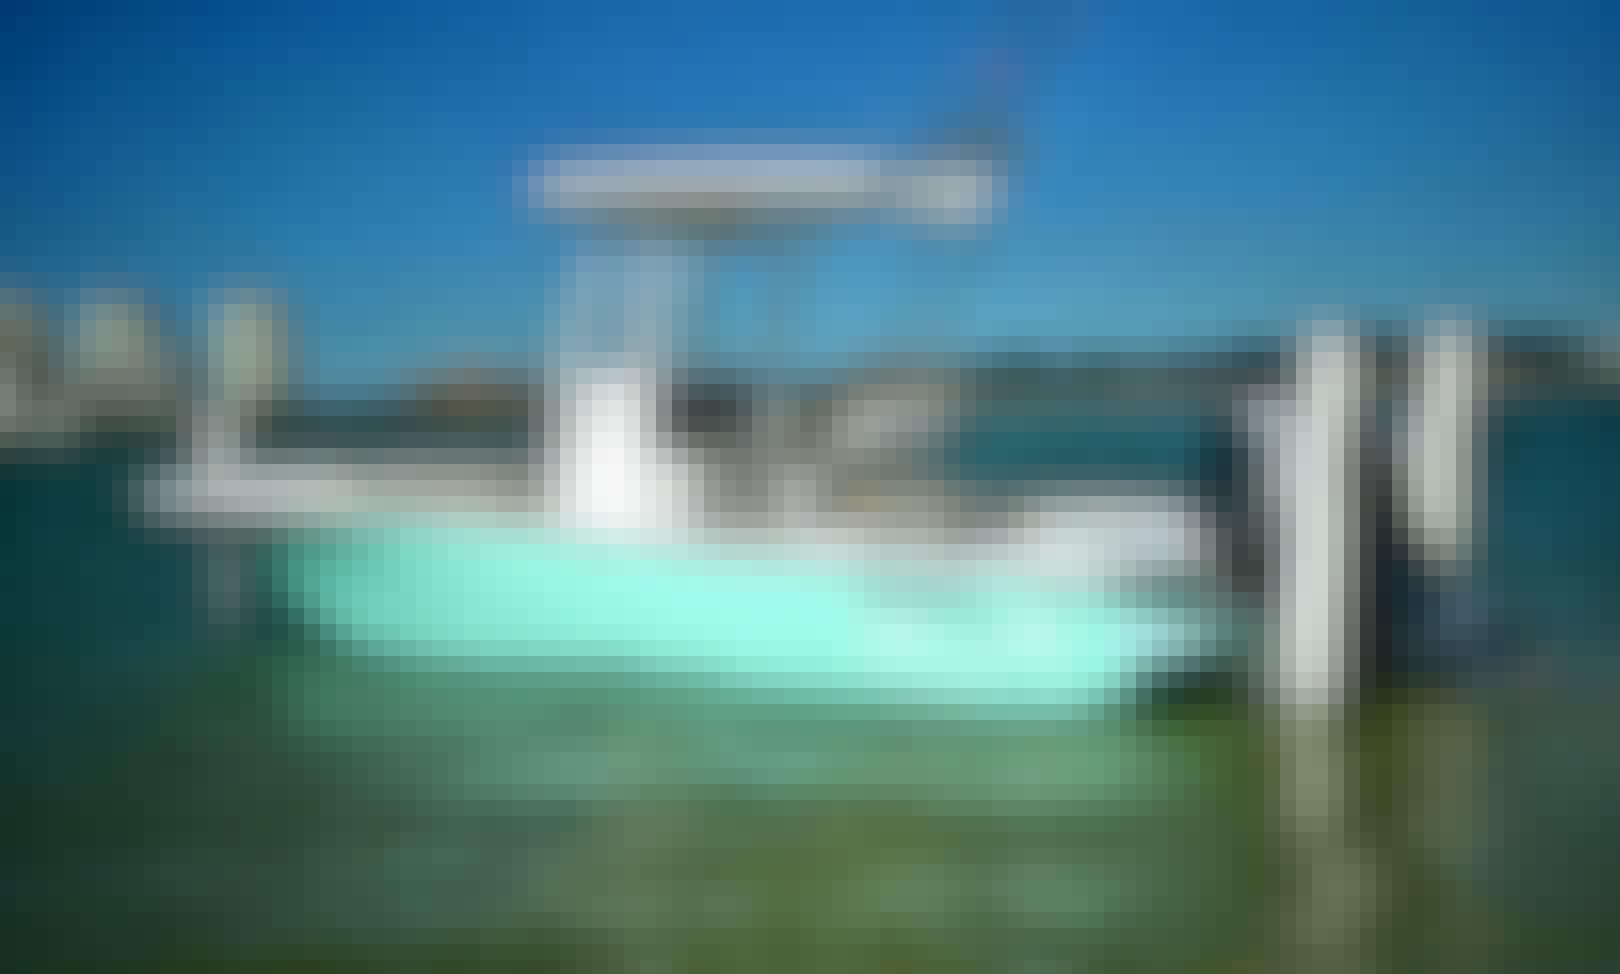 2018 Tidewater 2500 Fishing Charter in Belleair Bluffs